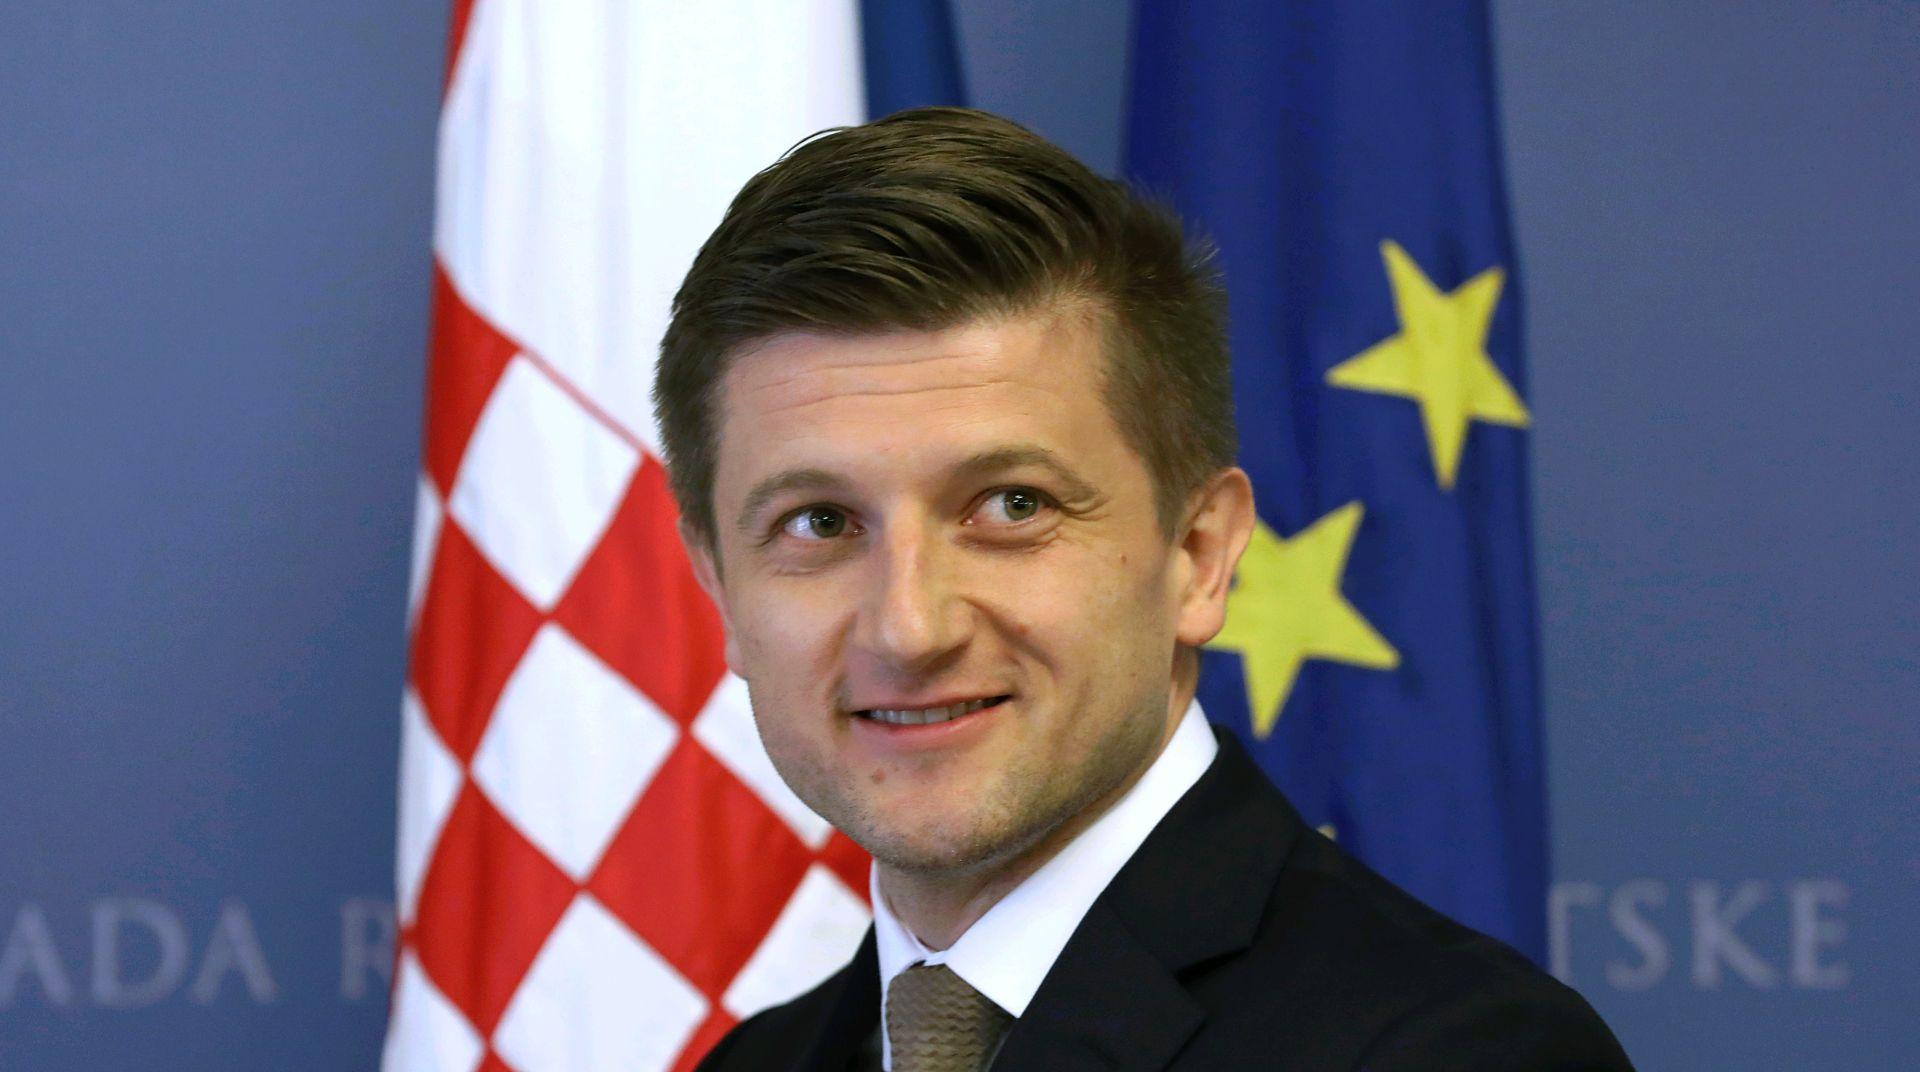 Zdravko Marić očekuje da će procjene EK-a o rastu BDP-a biti u skladu s očekivanjima Vlade